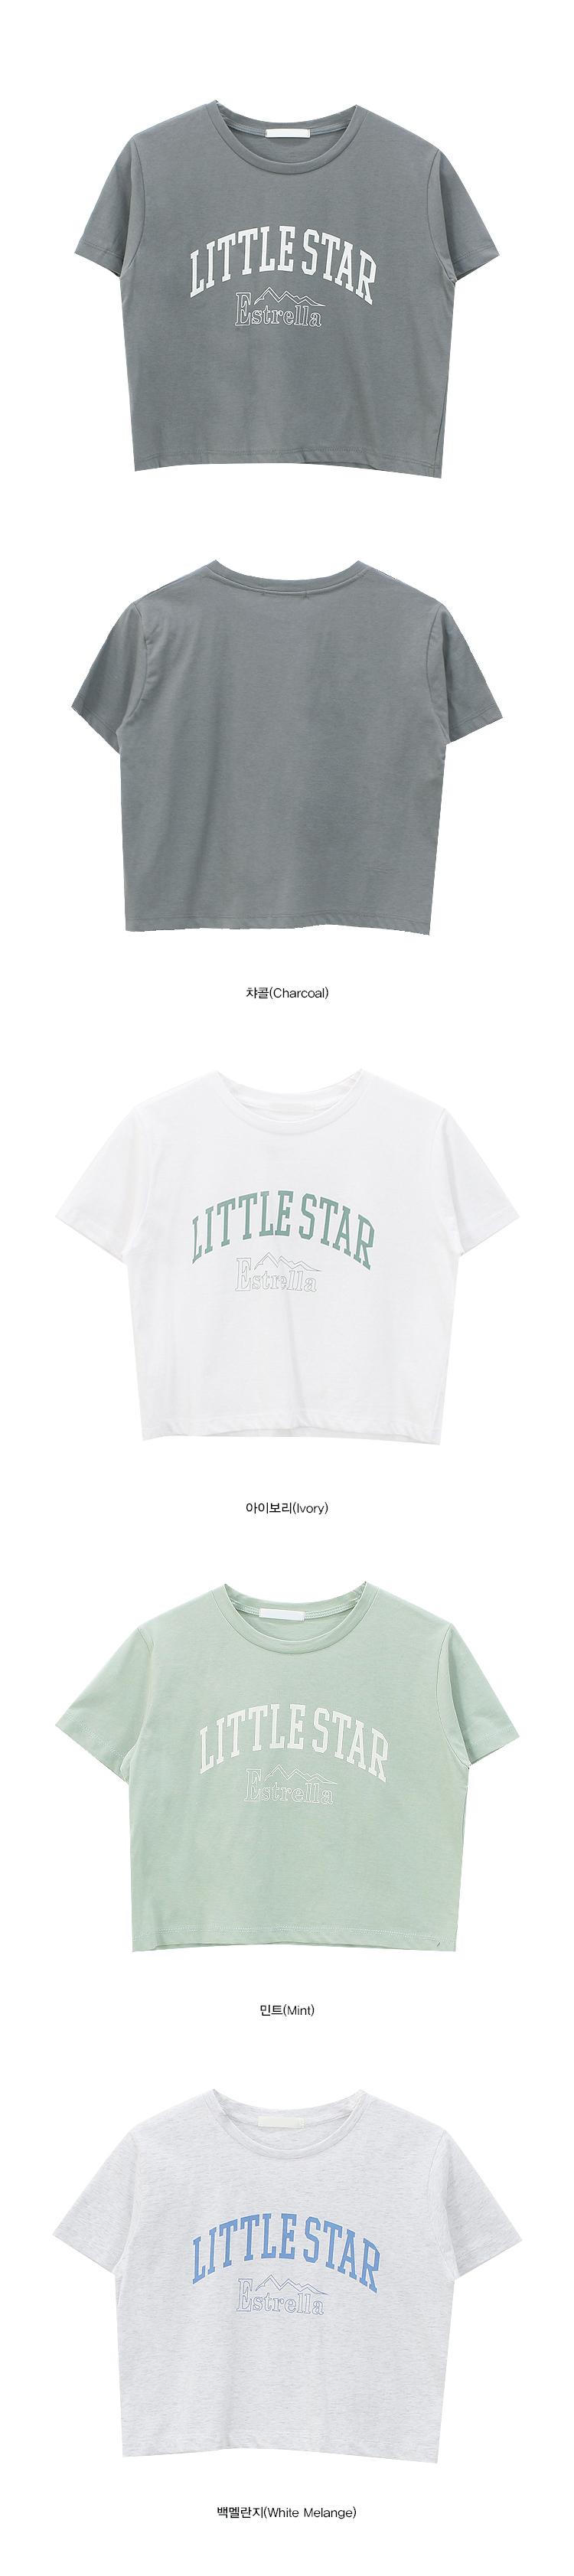 Little Star Lettering T-shirt